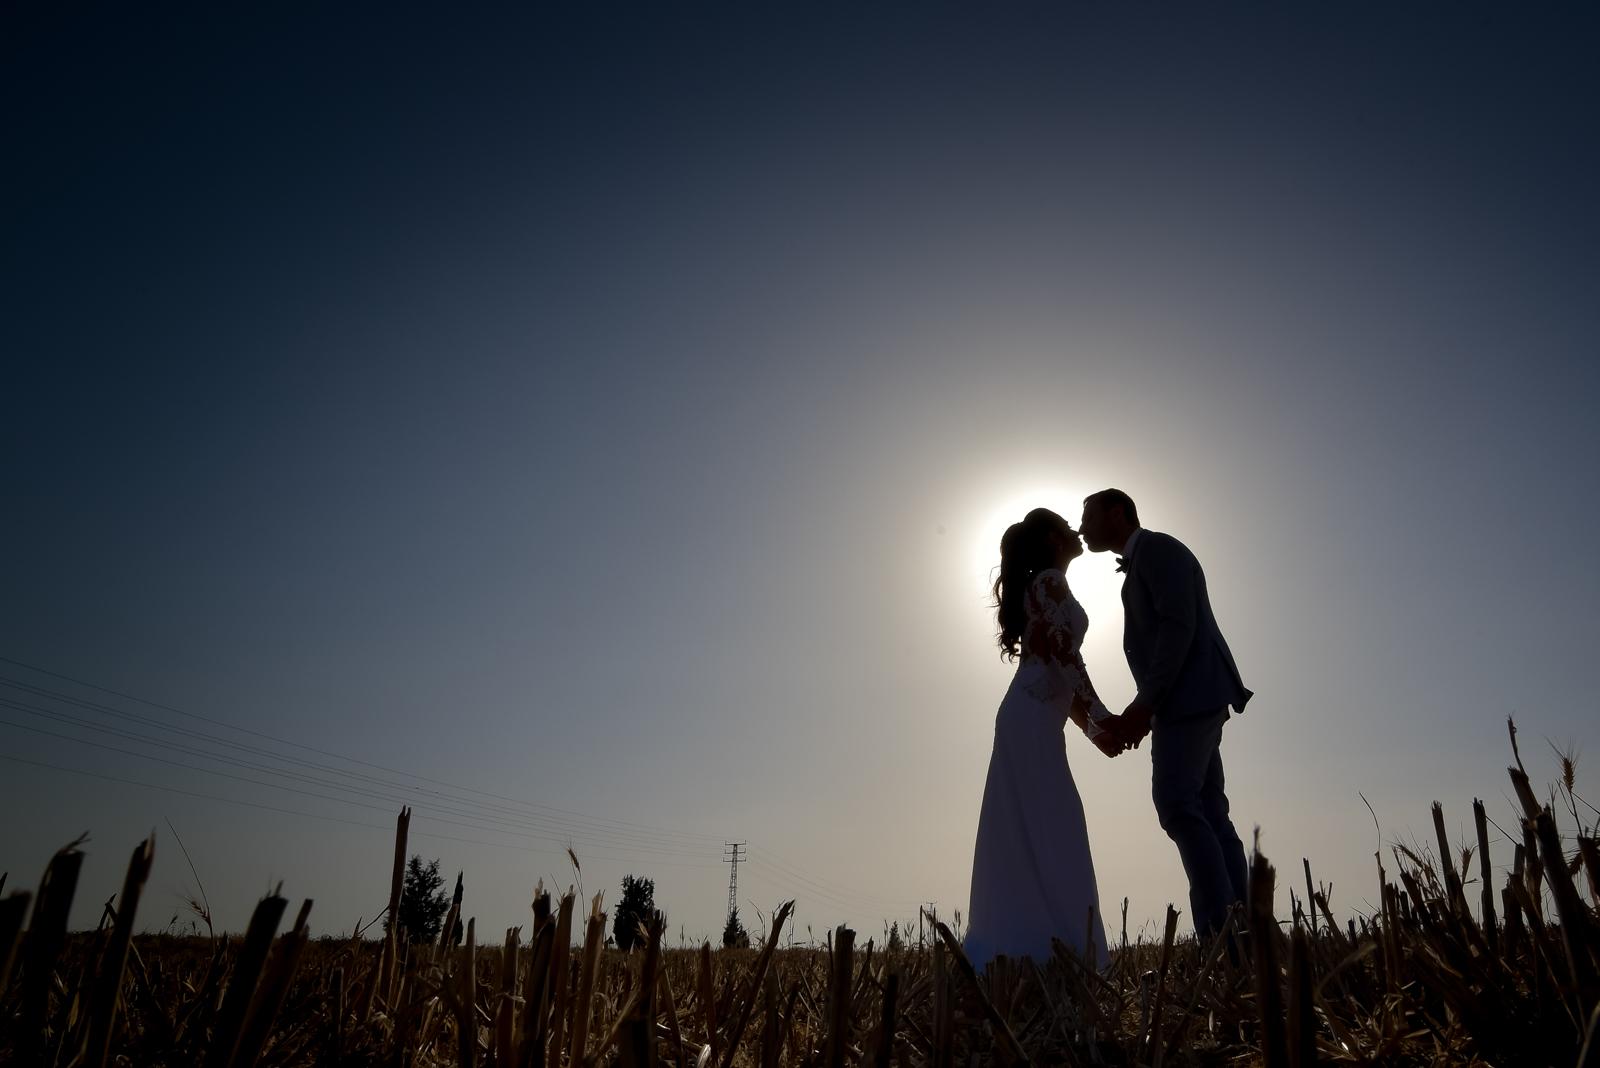 צלם לחתונה צילום חתונה-1010.jpg